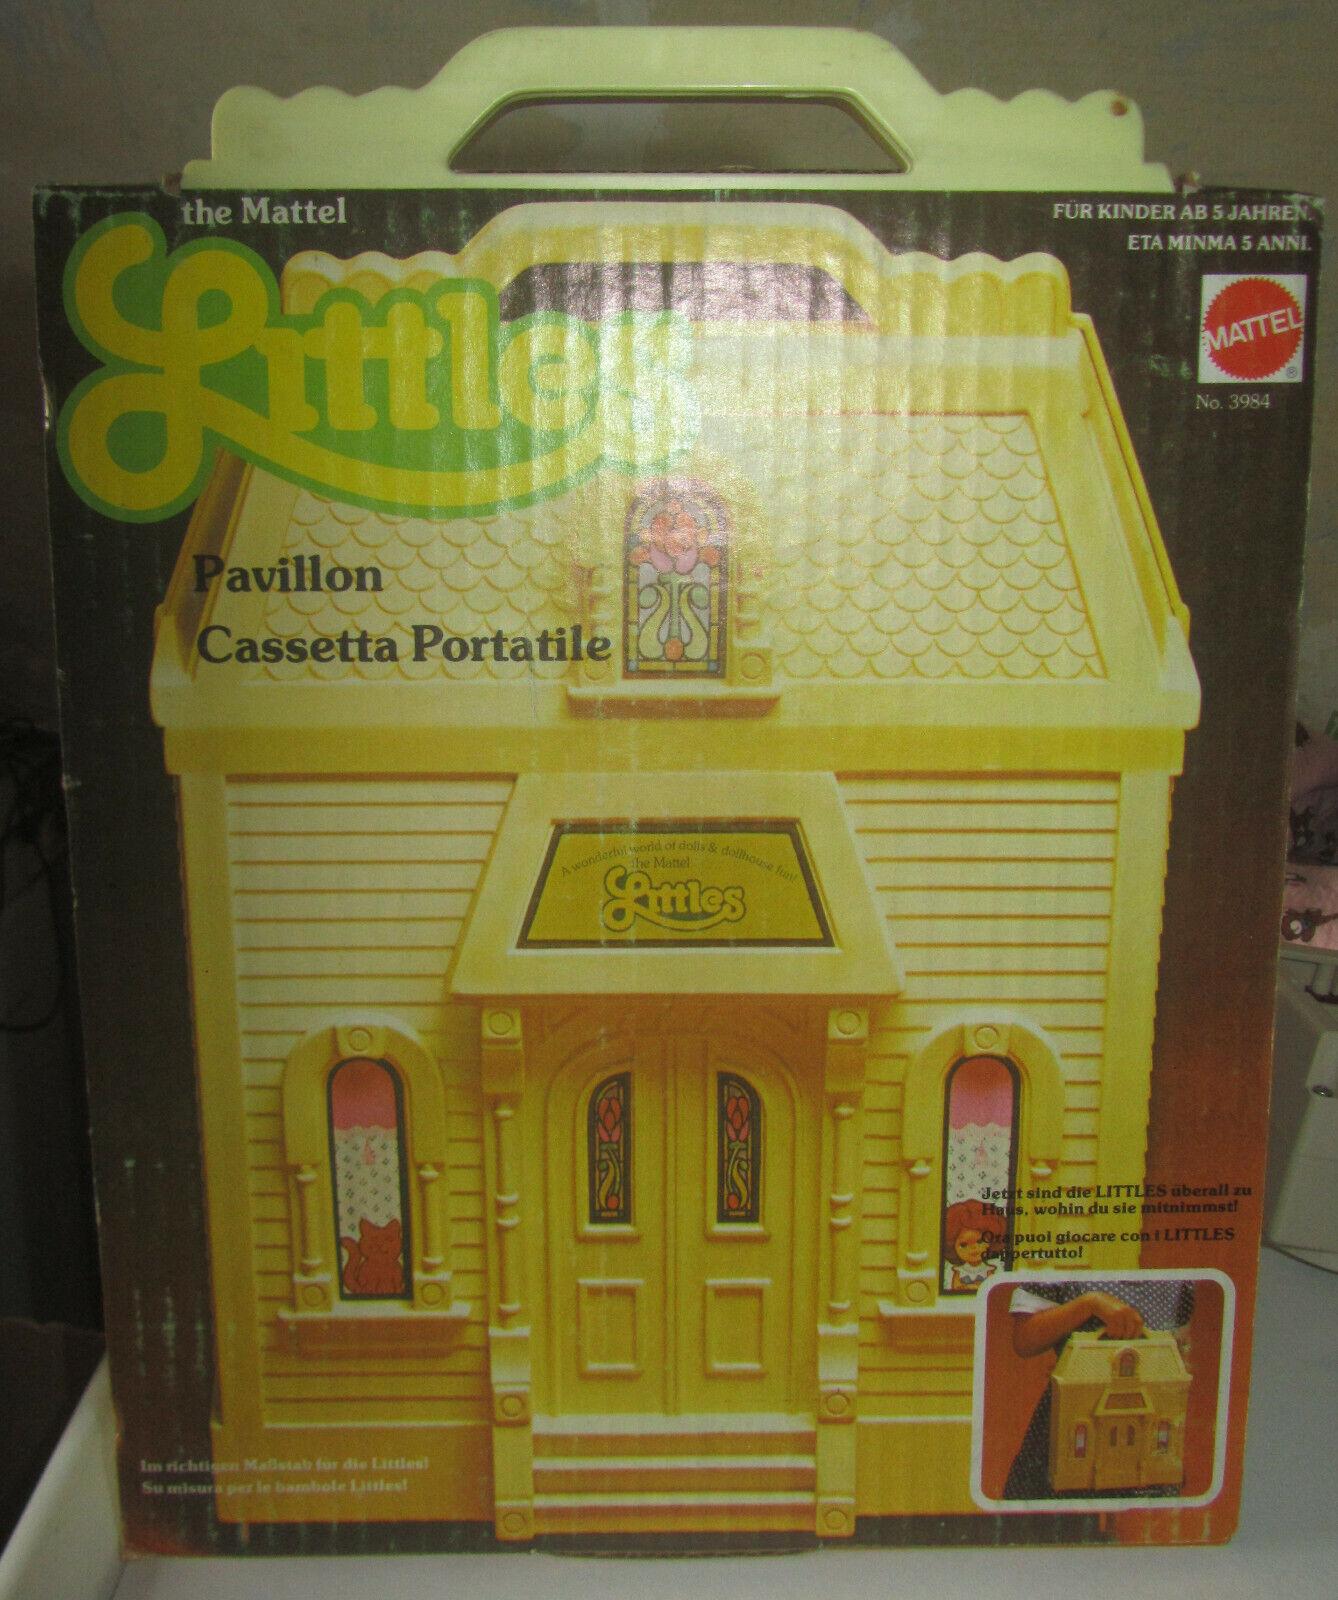 The Littles Play e autory  House Casa Valigetta Mattel 3984 anni 70  contatore genuino